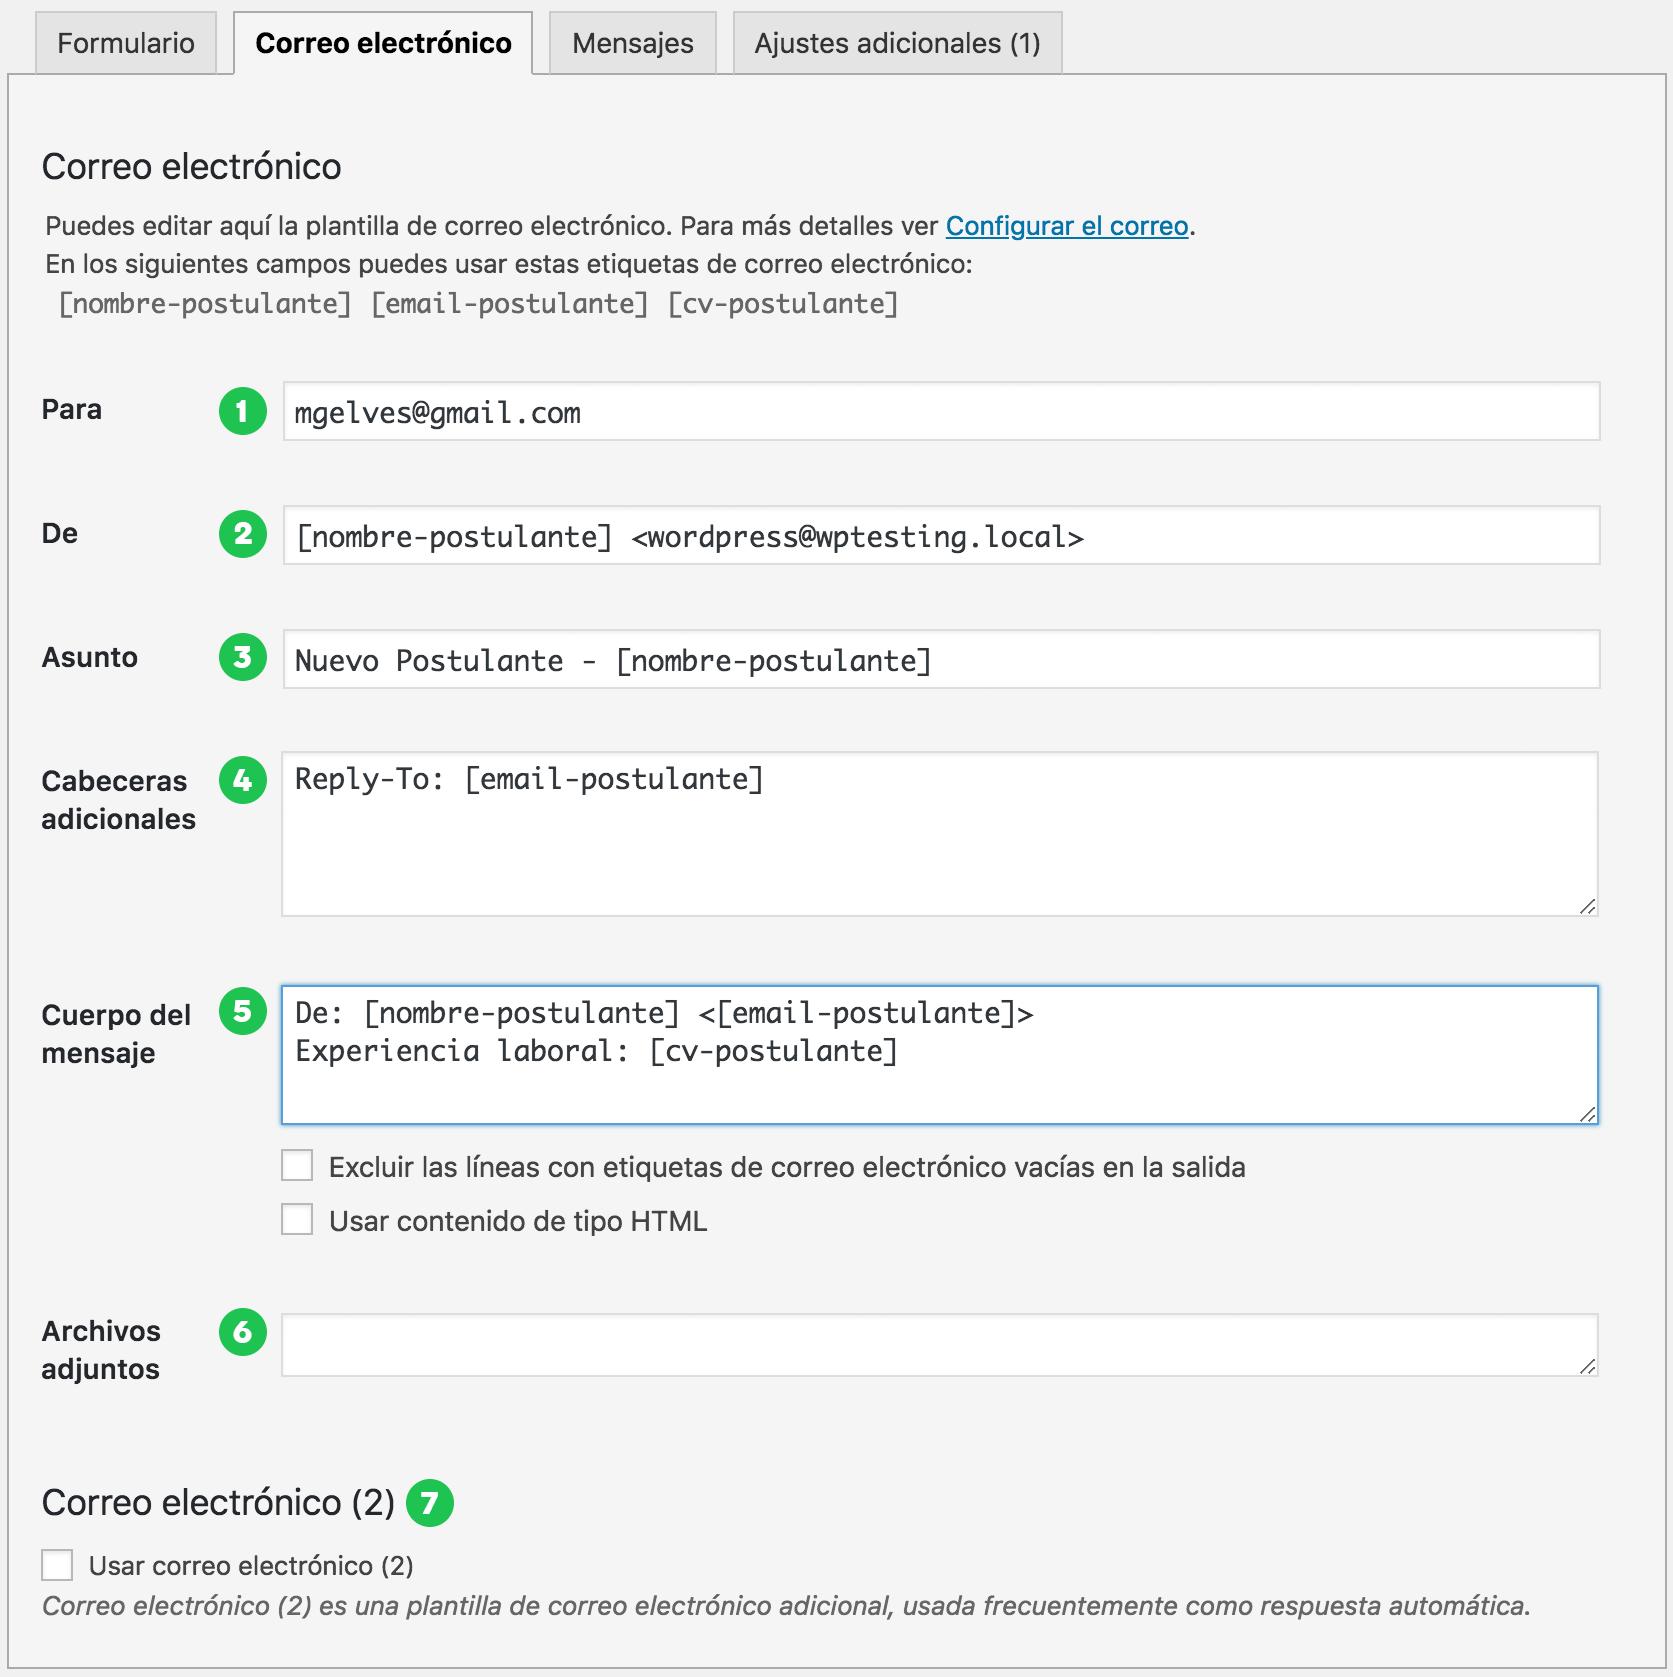 Formulario de configuración de correo contact form 7